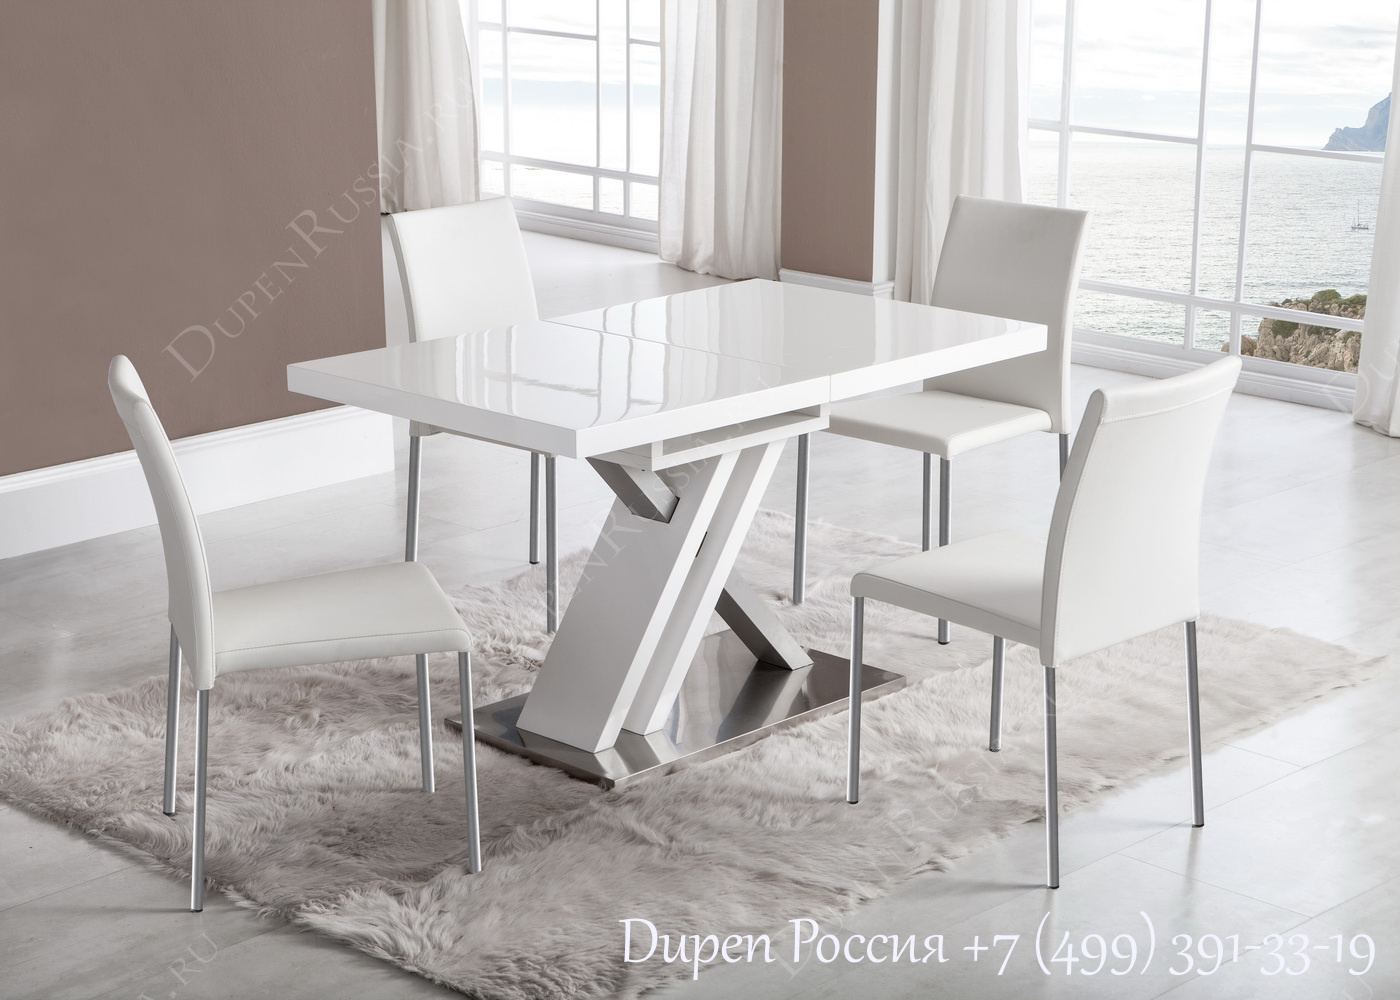 Обеденный стол DUPEN DT-16 Раскладной Белый, Стул DUPEN DC - 106